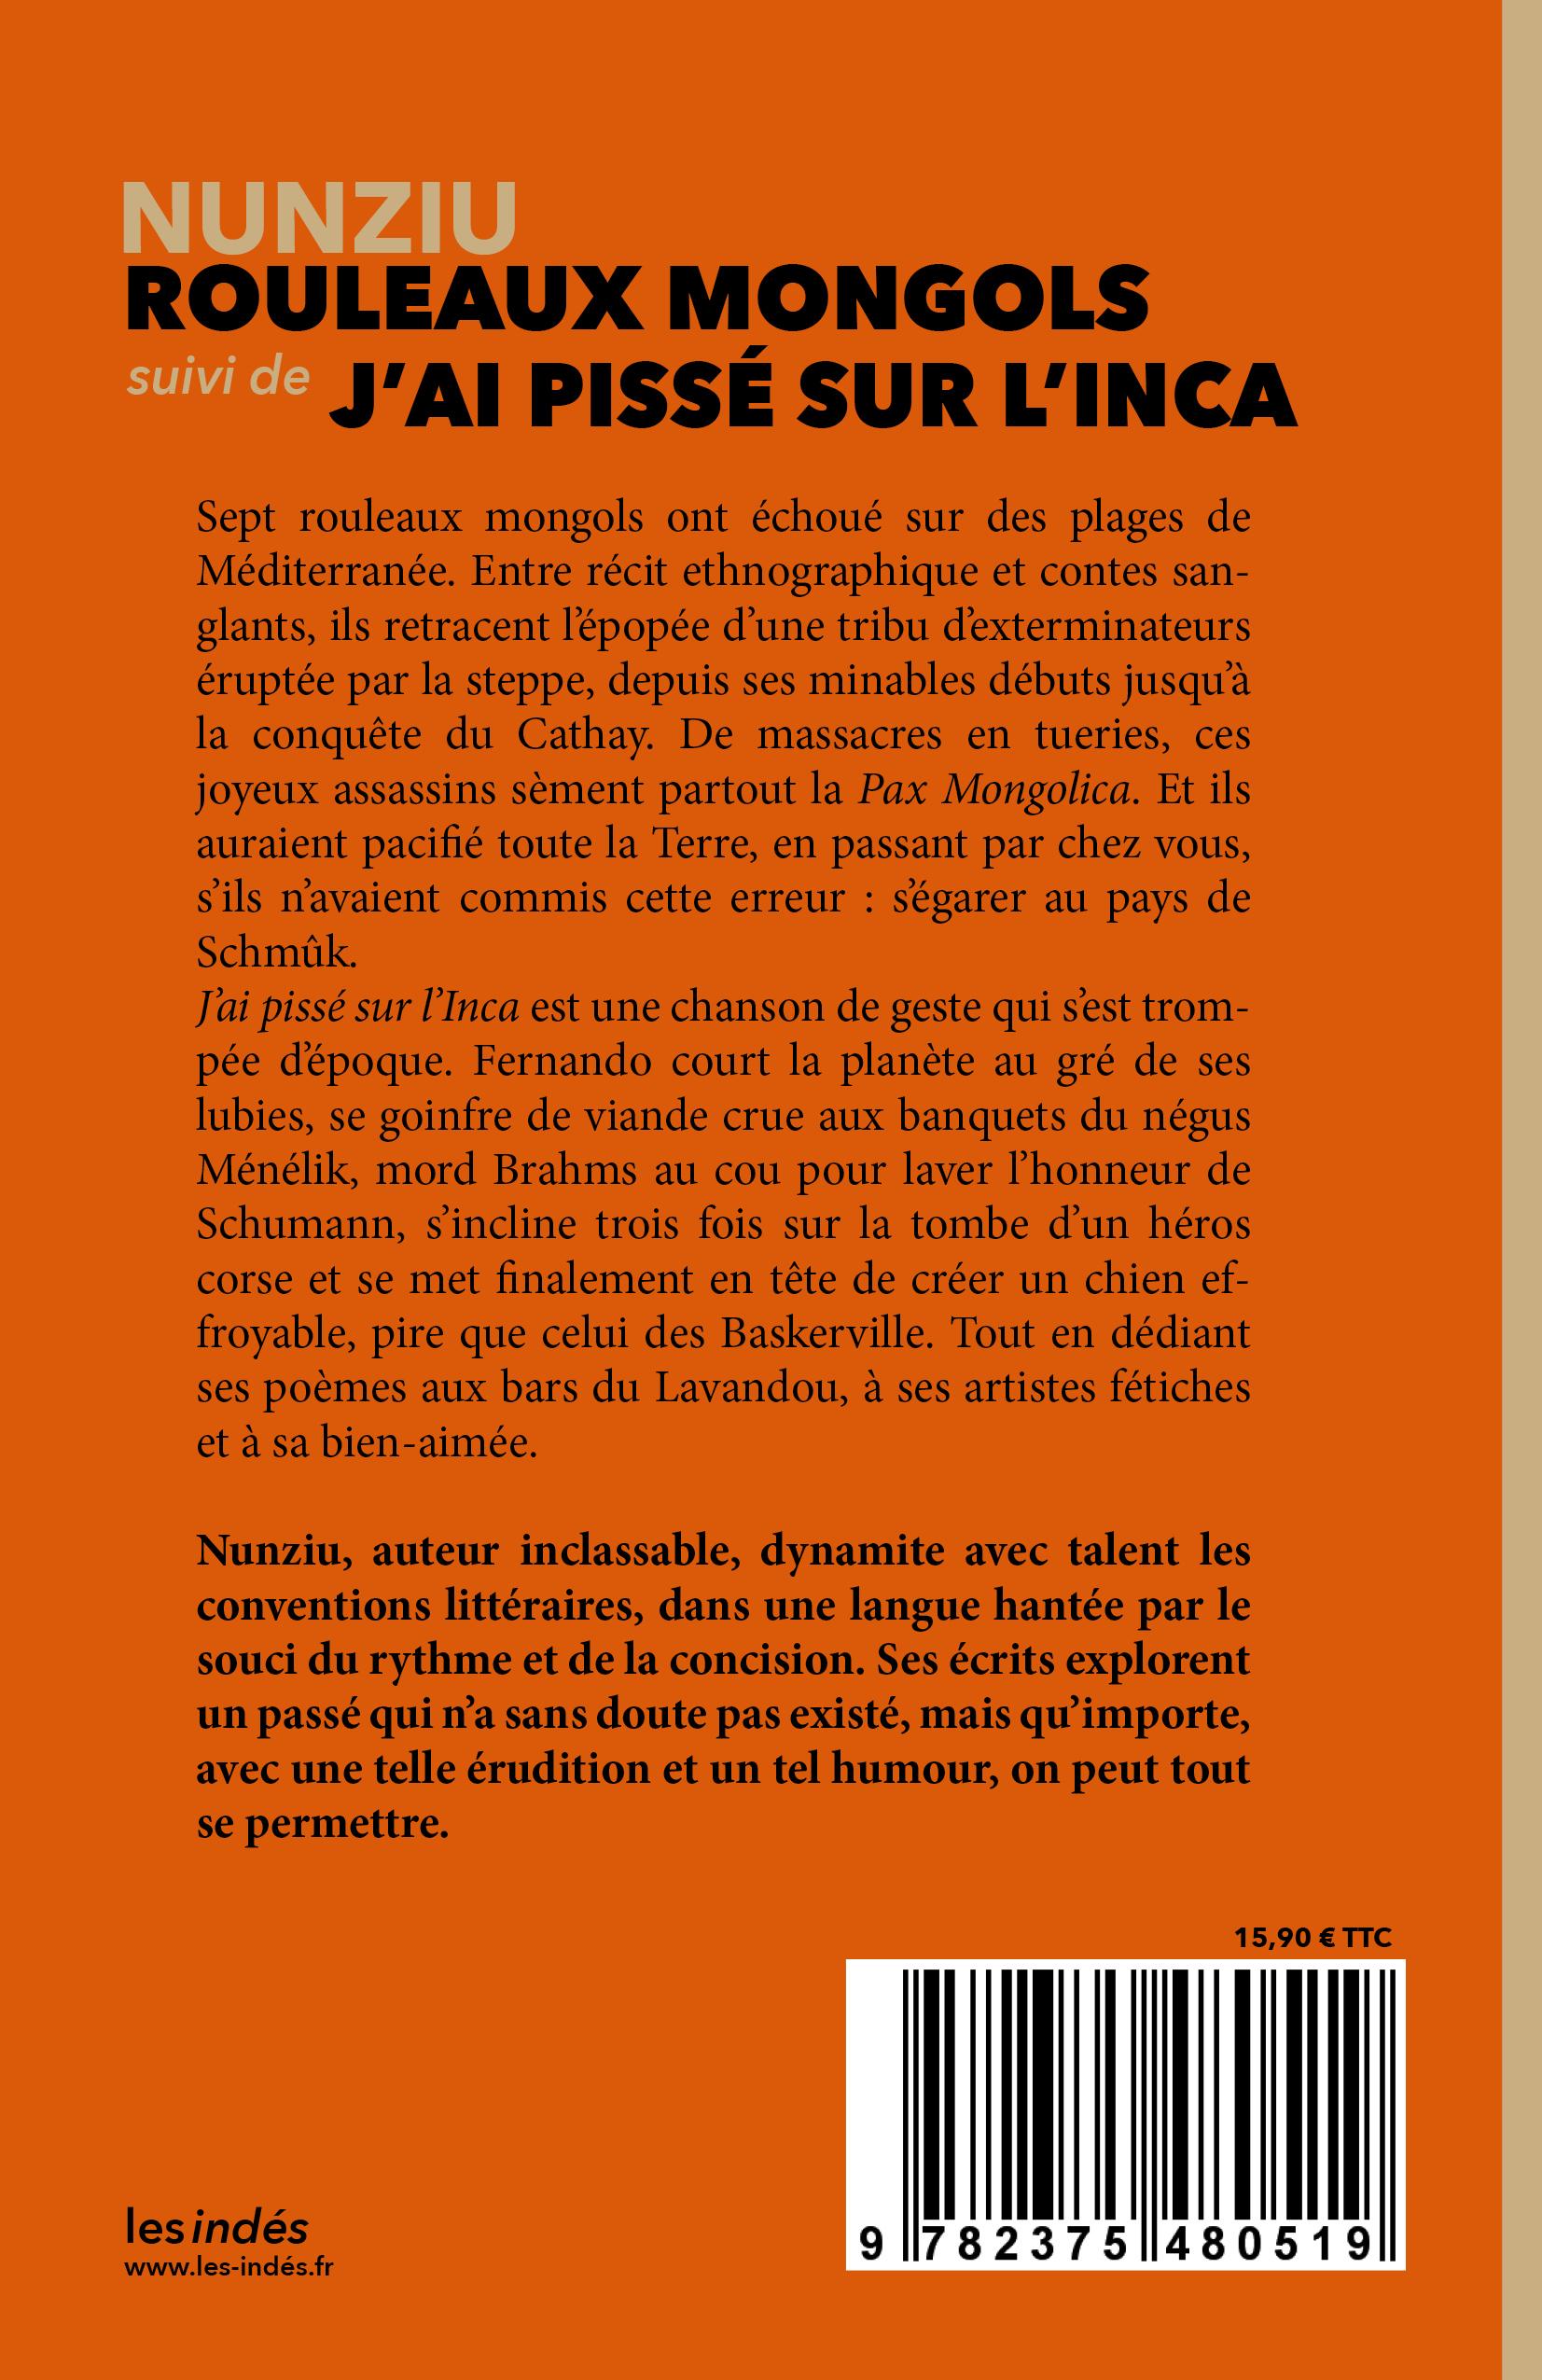 CV4_Rouleaux mongols